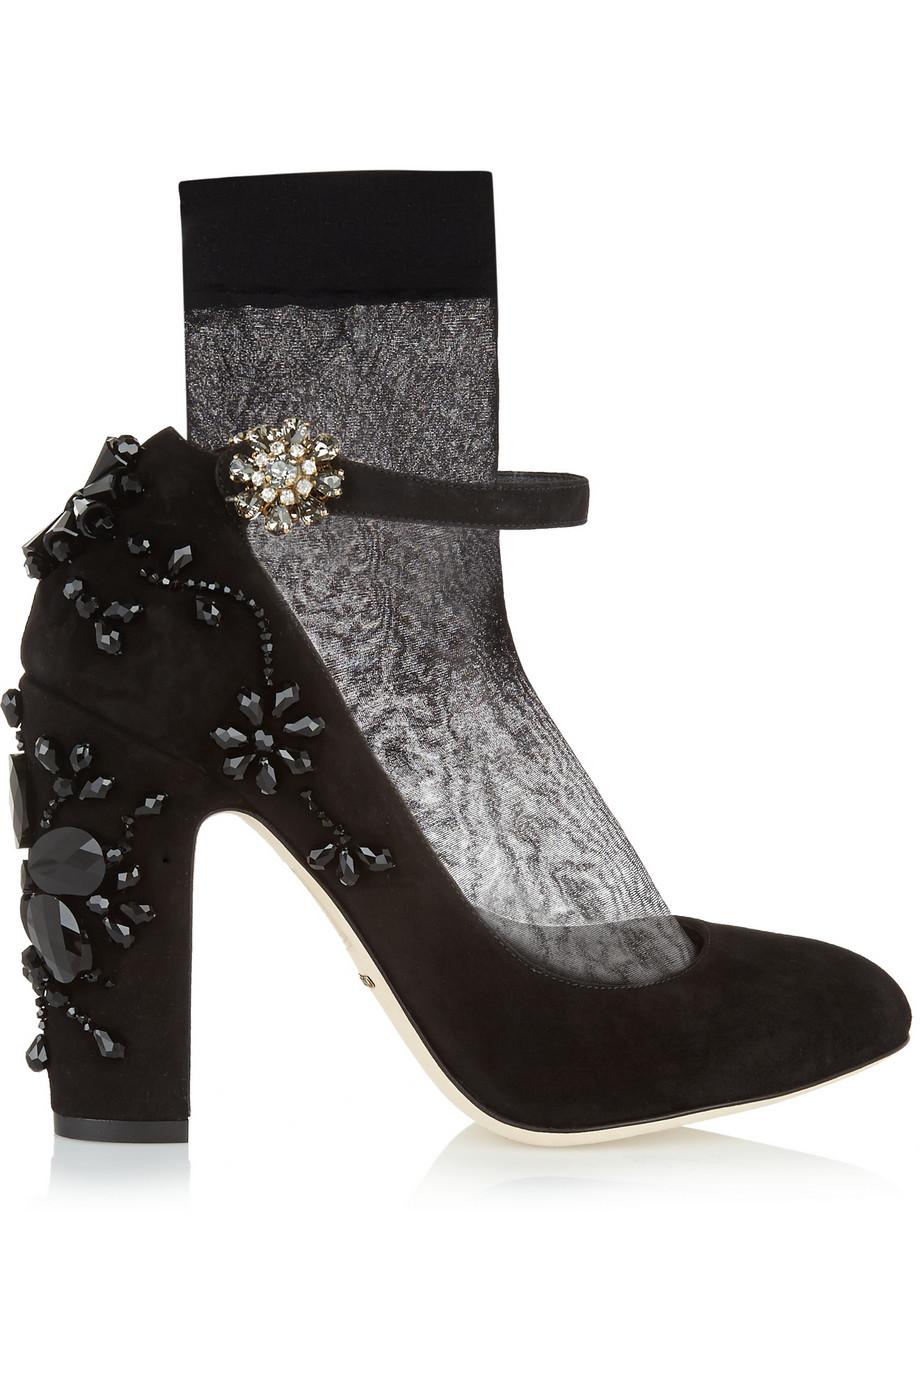 Dolce & Gabbana Embellished Suede Pumps $797.50